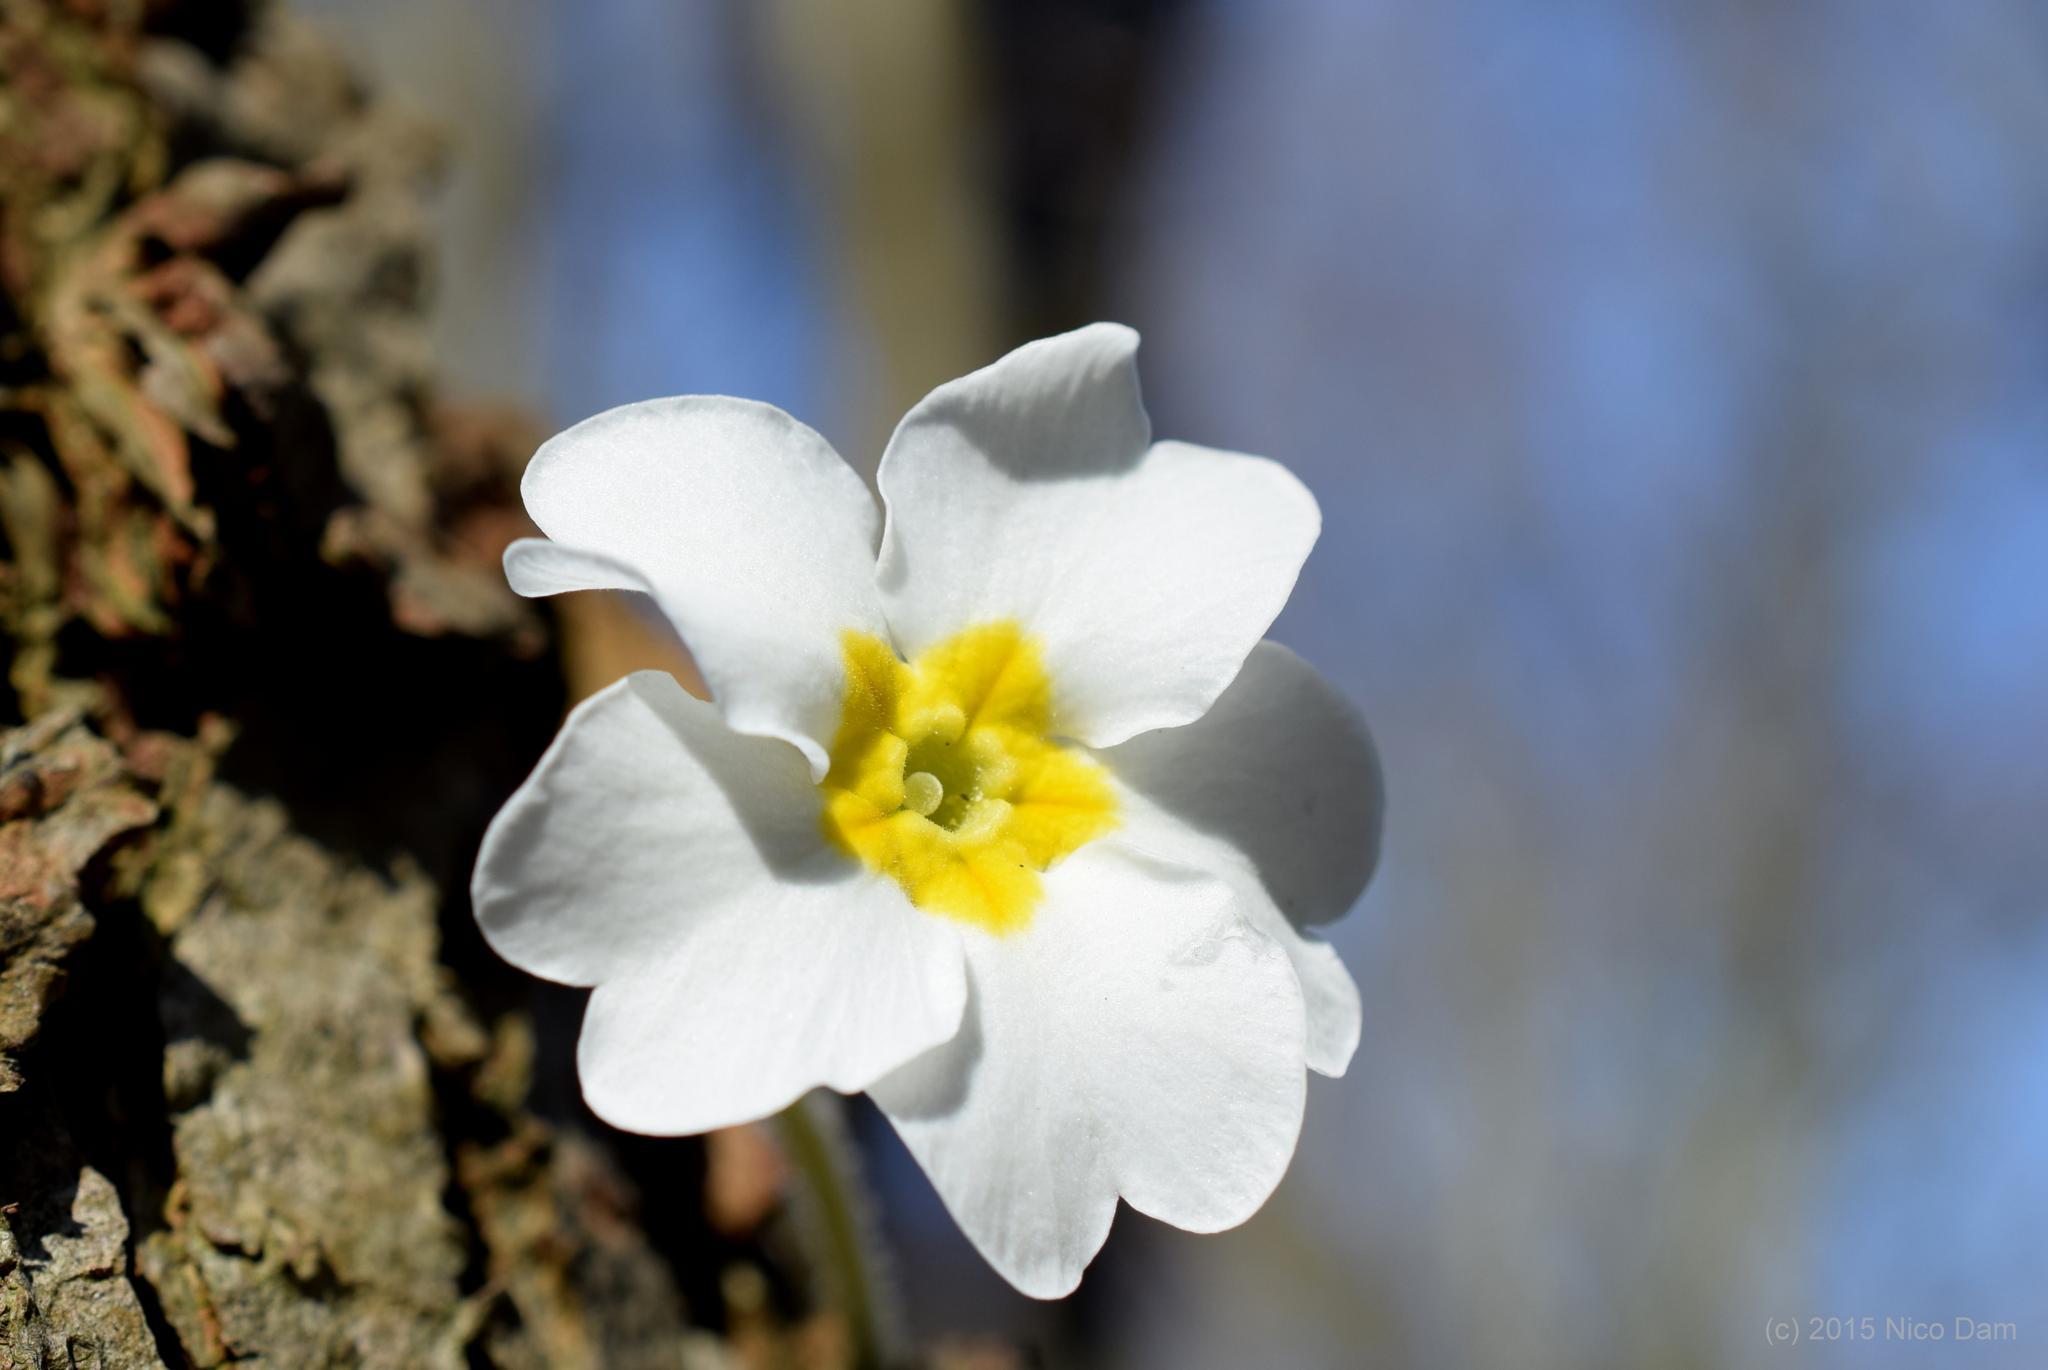 spring by Nico Dam